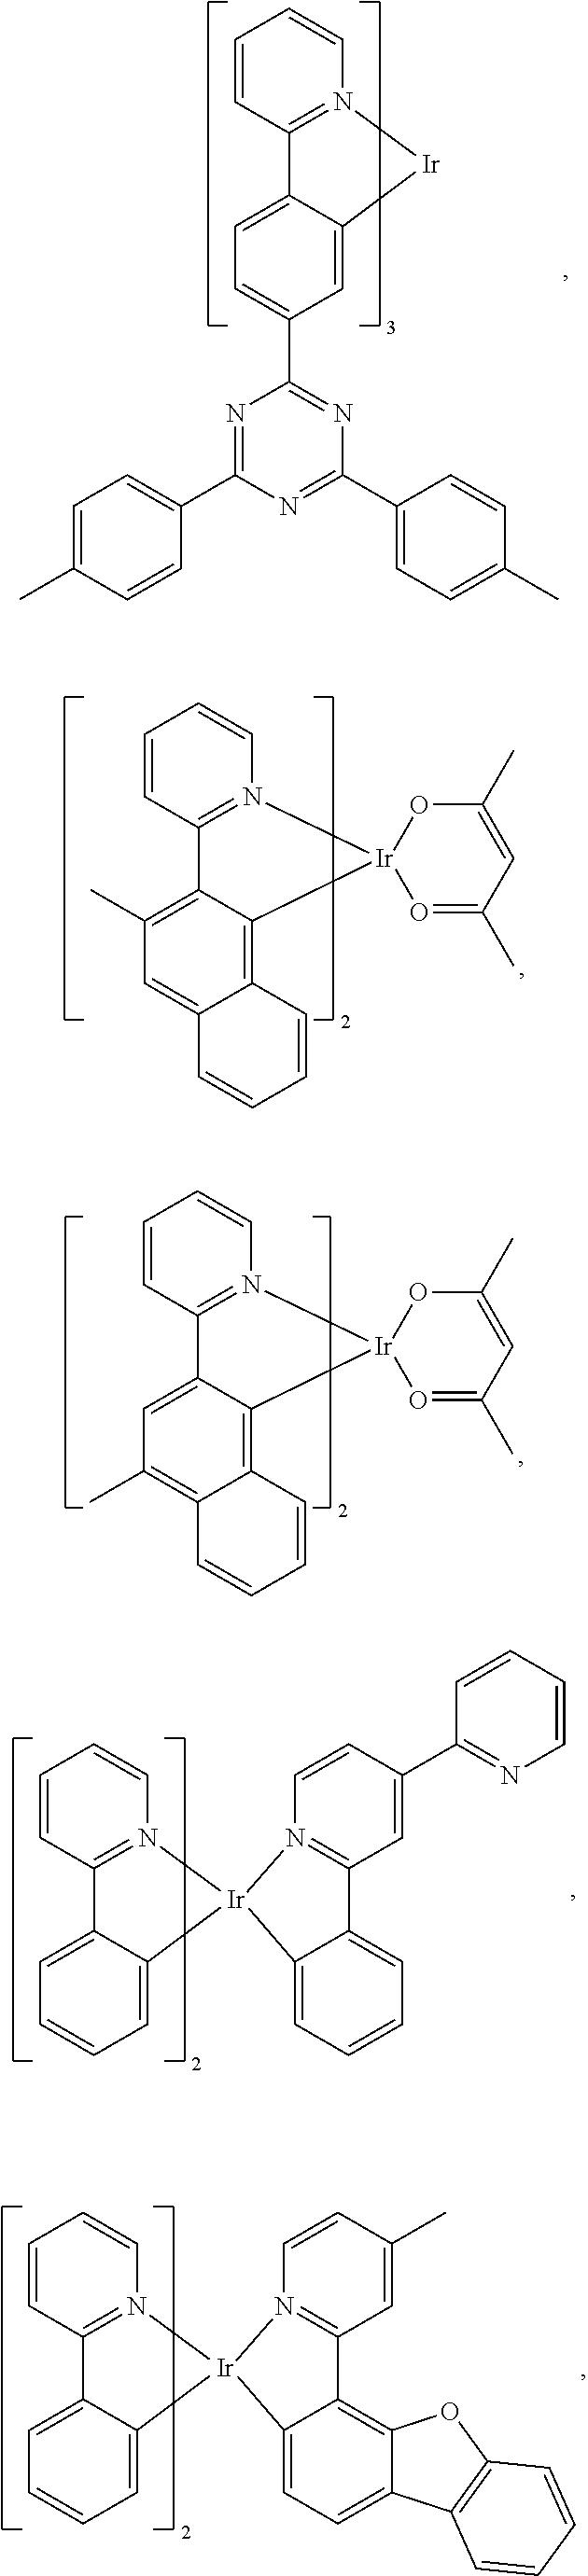 Figure US09978956-20180522-C00084